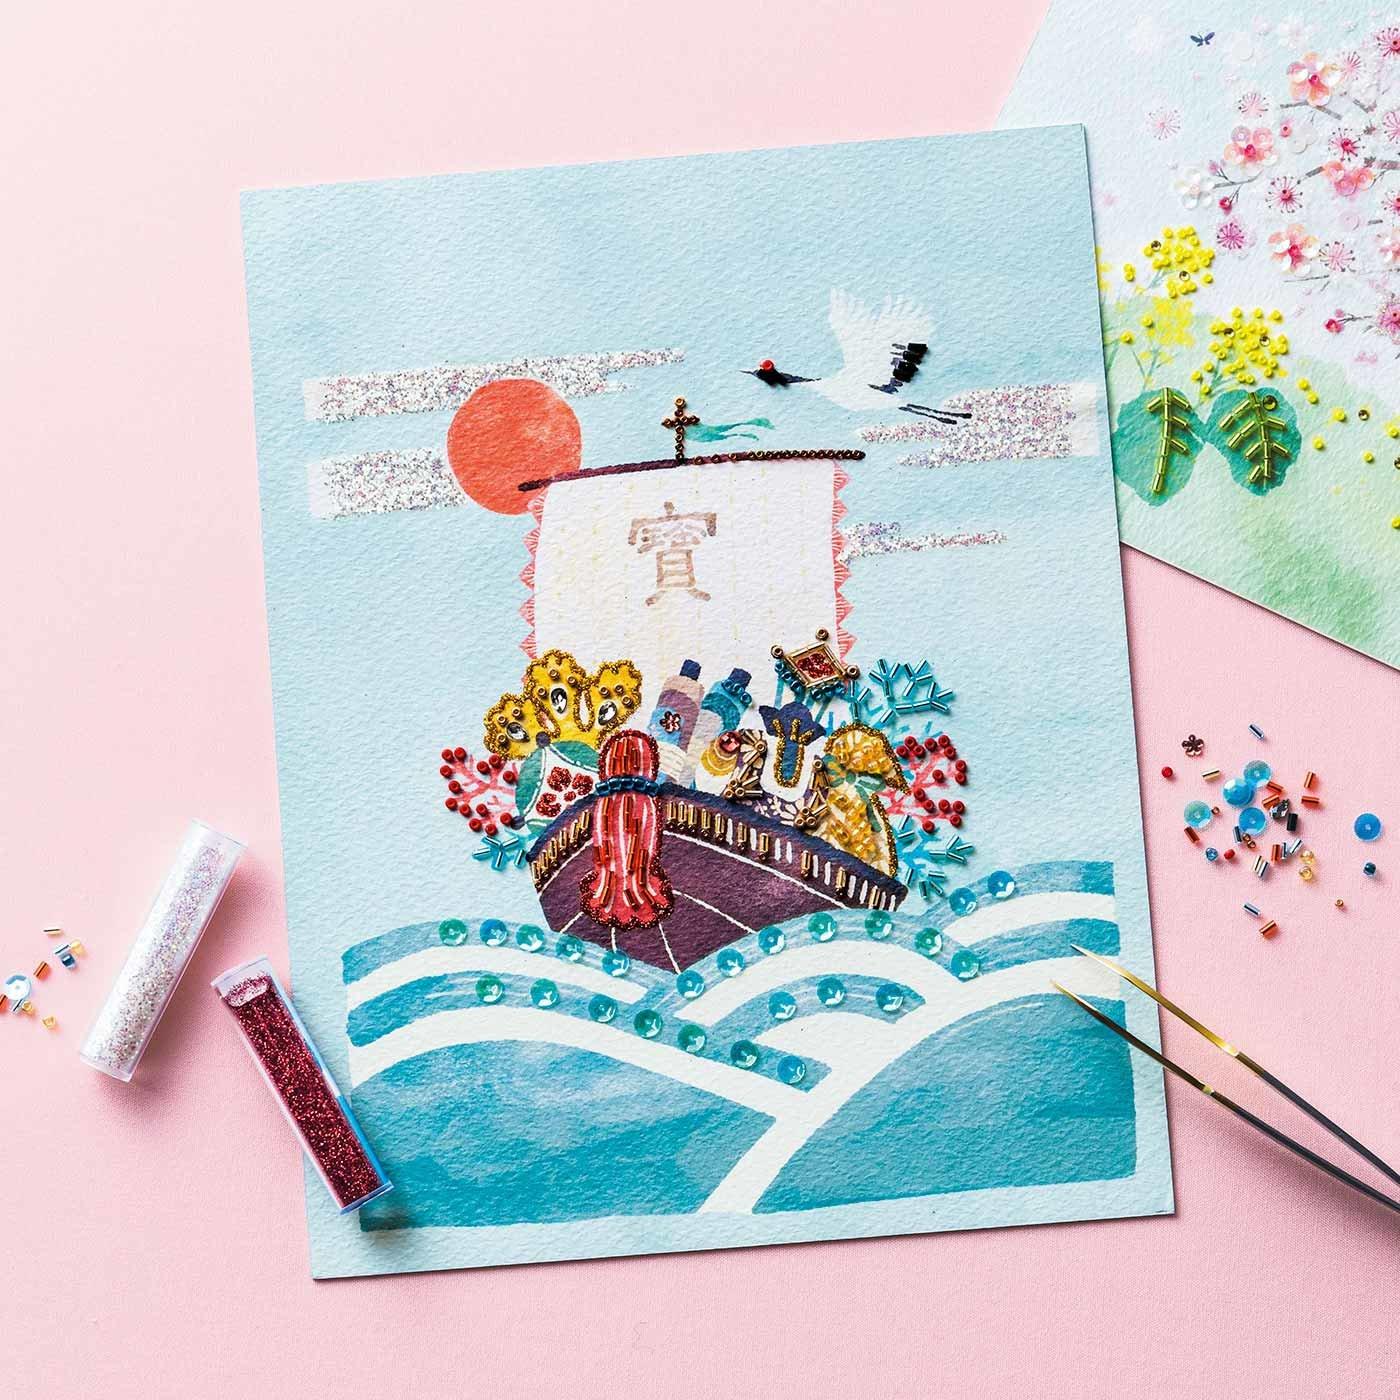 季節を彩る 貼るだけのきらめくアート 12ヵ月のビーズデコール(R)の会 (期間予約)